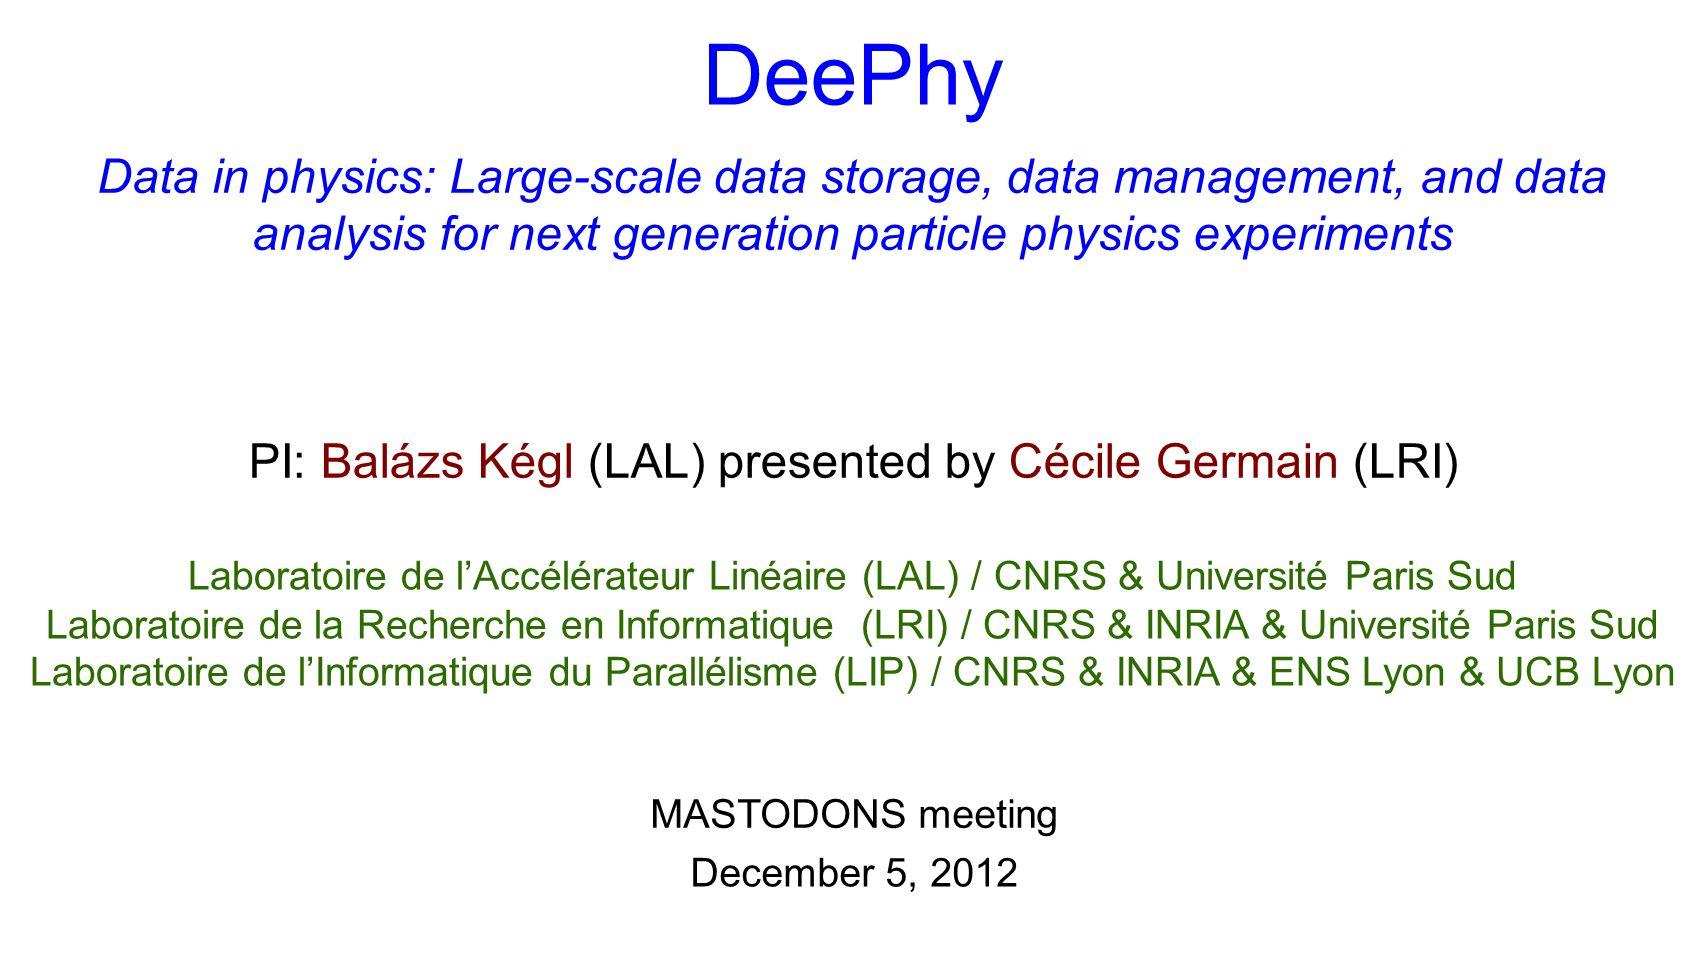 December 5, 2012 MASTODONS meeting Laboratoire de lAccélérateur Linéaire (LAL) / CNRS & Université Paris Sud Laboratoire de la Recherche en Informatique (LRI) / CNRS & INRIA & Université Paris Sud Laboratoire de lInformatique du Parallélisme (LIP) / CNRS & INRIA & ENS Lyon & UCB Lyon PI: Balázs Kégl (LAL) presented by Cécile Germain (LRI) Data in physics: Large-scale data storage, data management, and data analysis for next generation particle physics experiments DeePhy